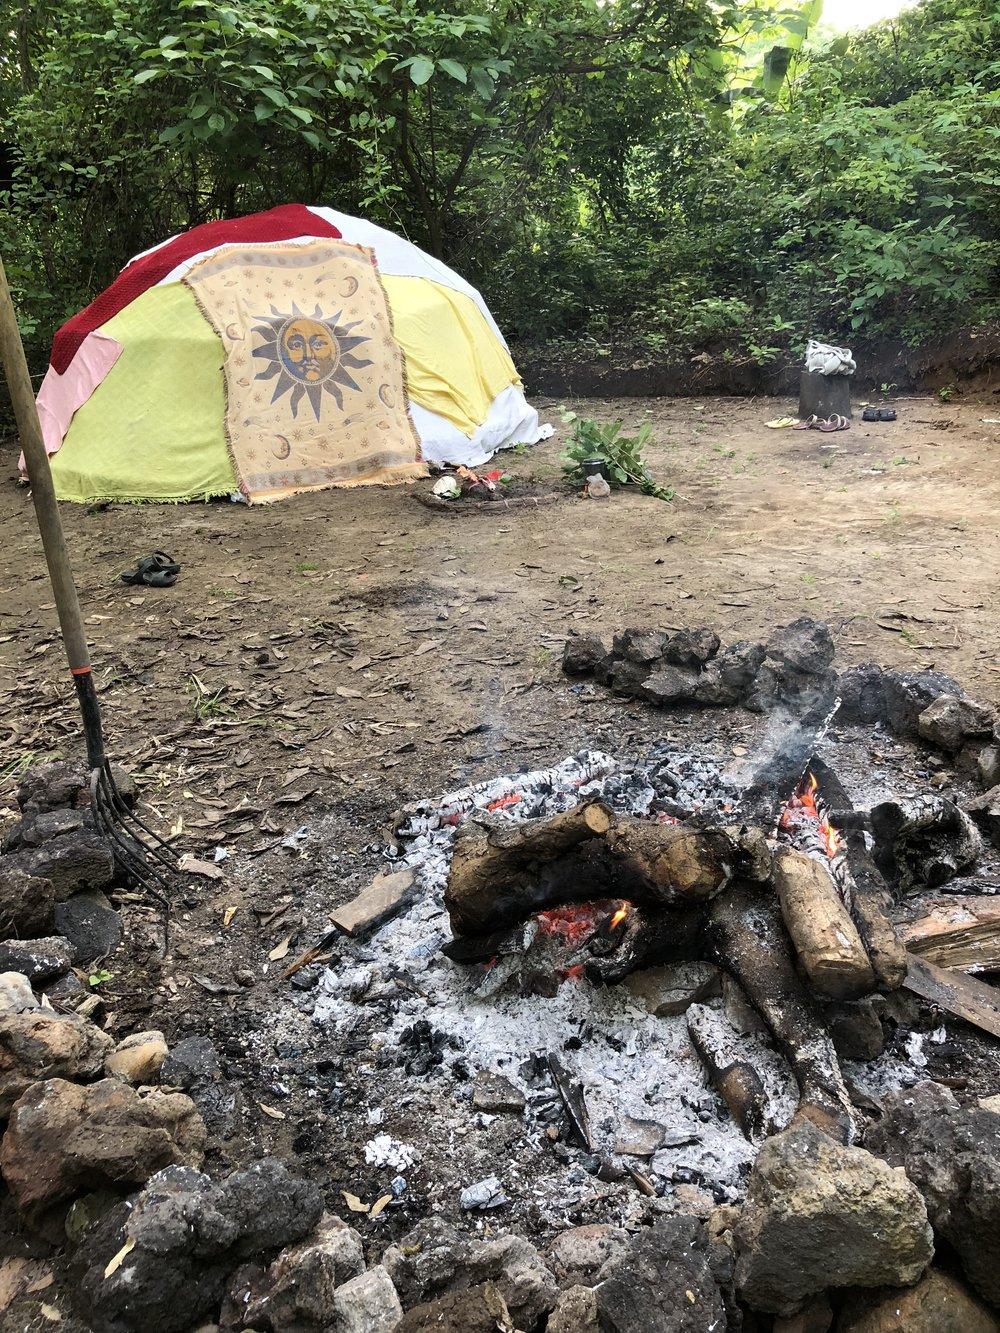 スウェット・ロッジは、伝統的な浄化の儀式。7方(4つの方角と、天と地と自分)の神様にお祈りした後、サウナの何倍も熱いテントの中に入って、祈り、歌い、内に入り込み、浄化と解放を経験します。普段のハイペースの生活では、なかなか触れることの少なくなってしまった、大いなるスピリット、全てのソース(根源)、自然のエレメント(火、風、土、空気)とつながる神聖な時間。まるで自分の子宮、地球の子宮とつながるような体験です。